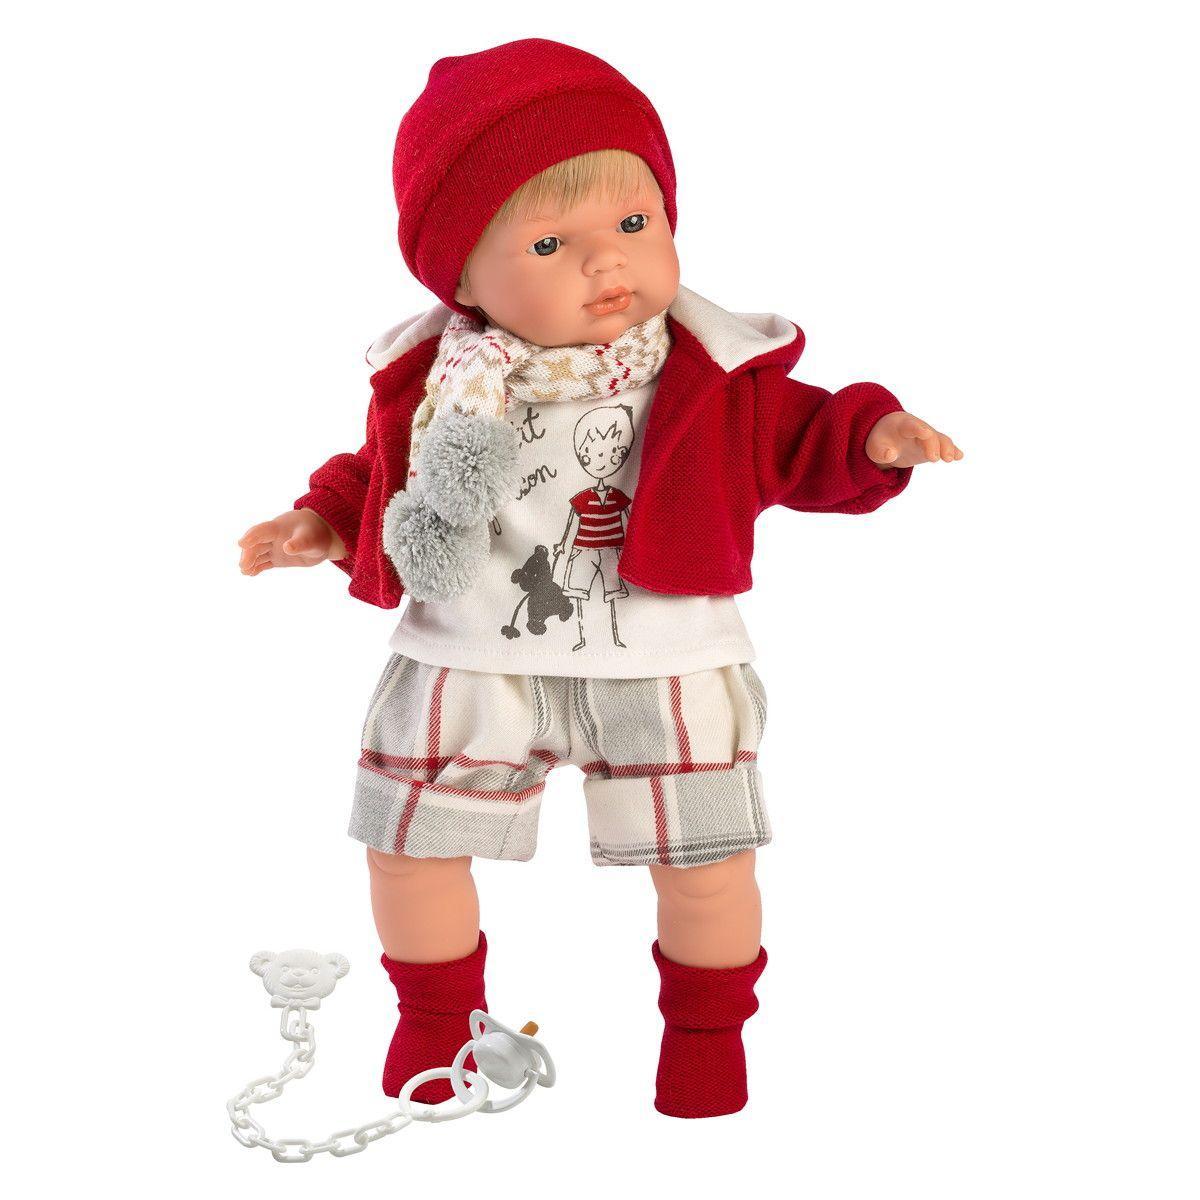 Интерактивная плачущая кукла, 38 см, Мальчик- Саша, Llorens 38555